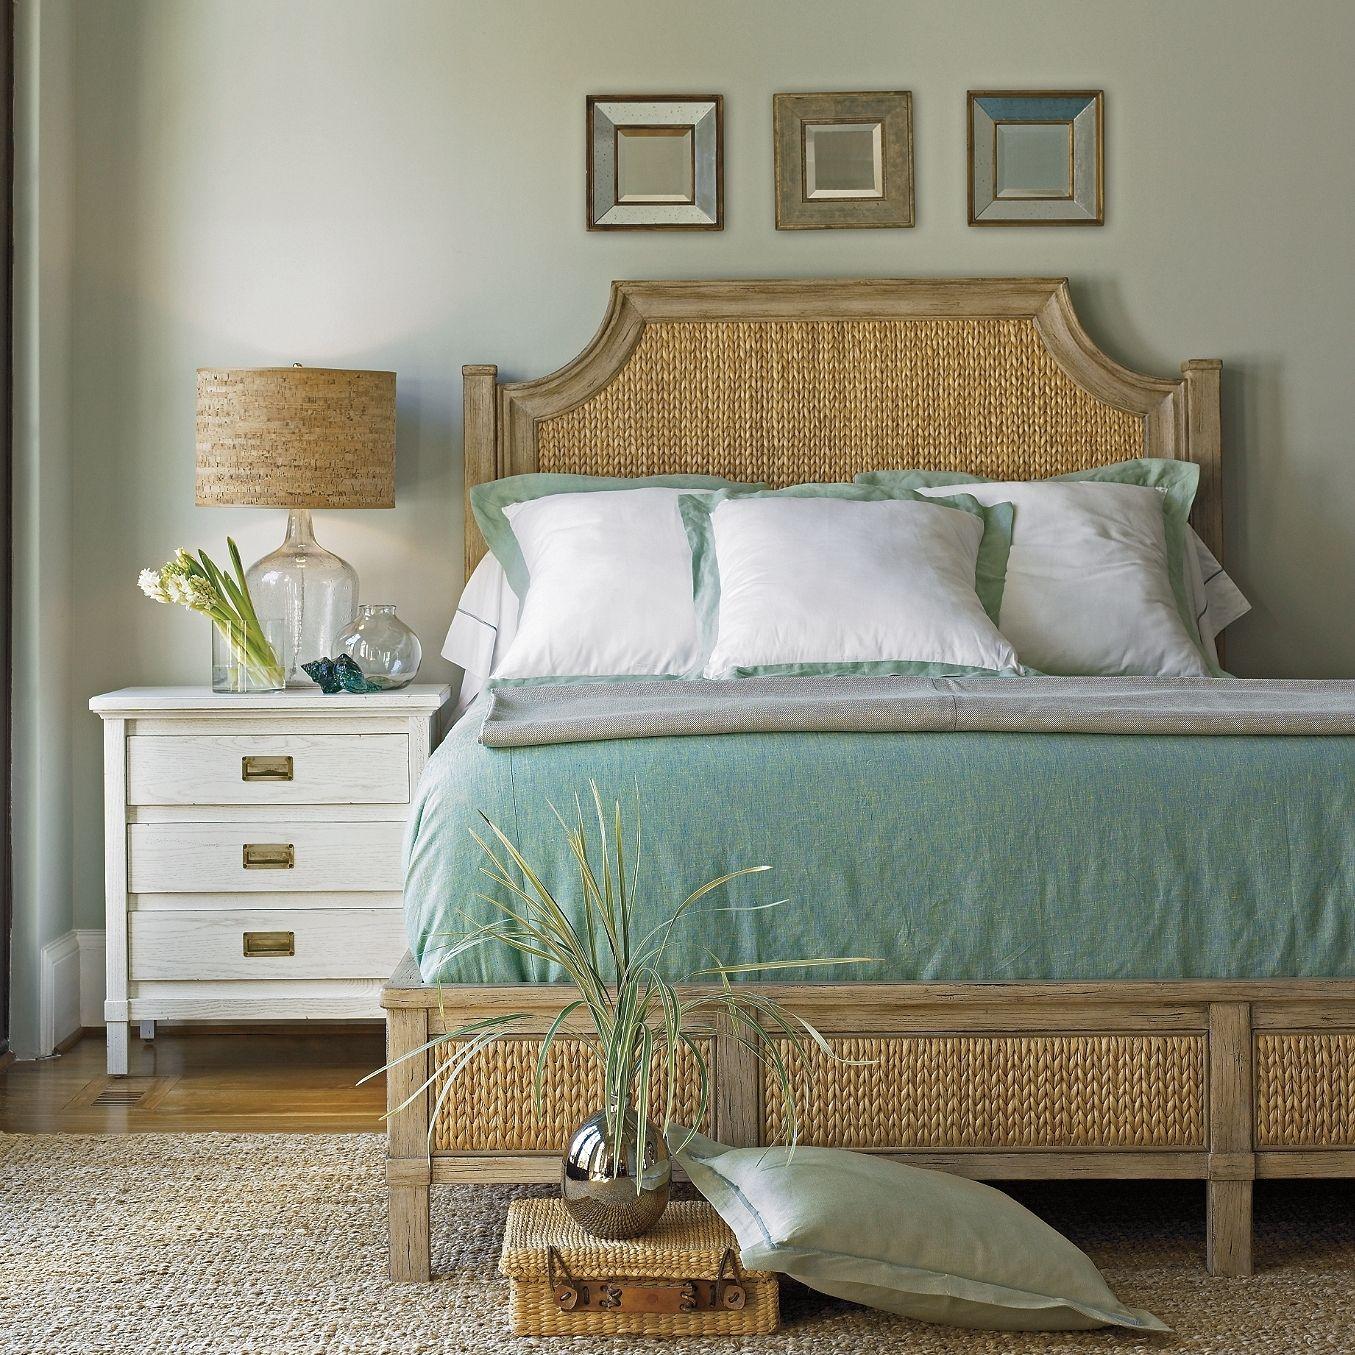 Coastal Living™ by Stanley Furniture Resort Water Meadow